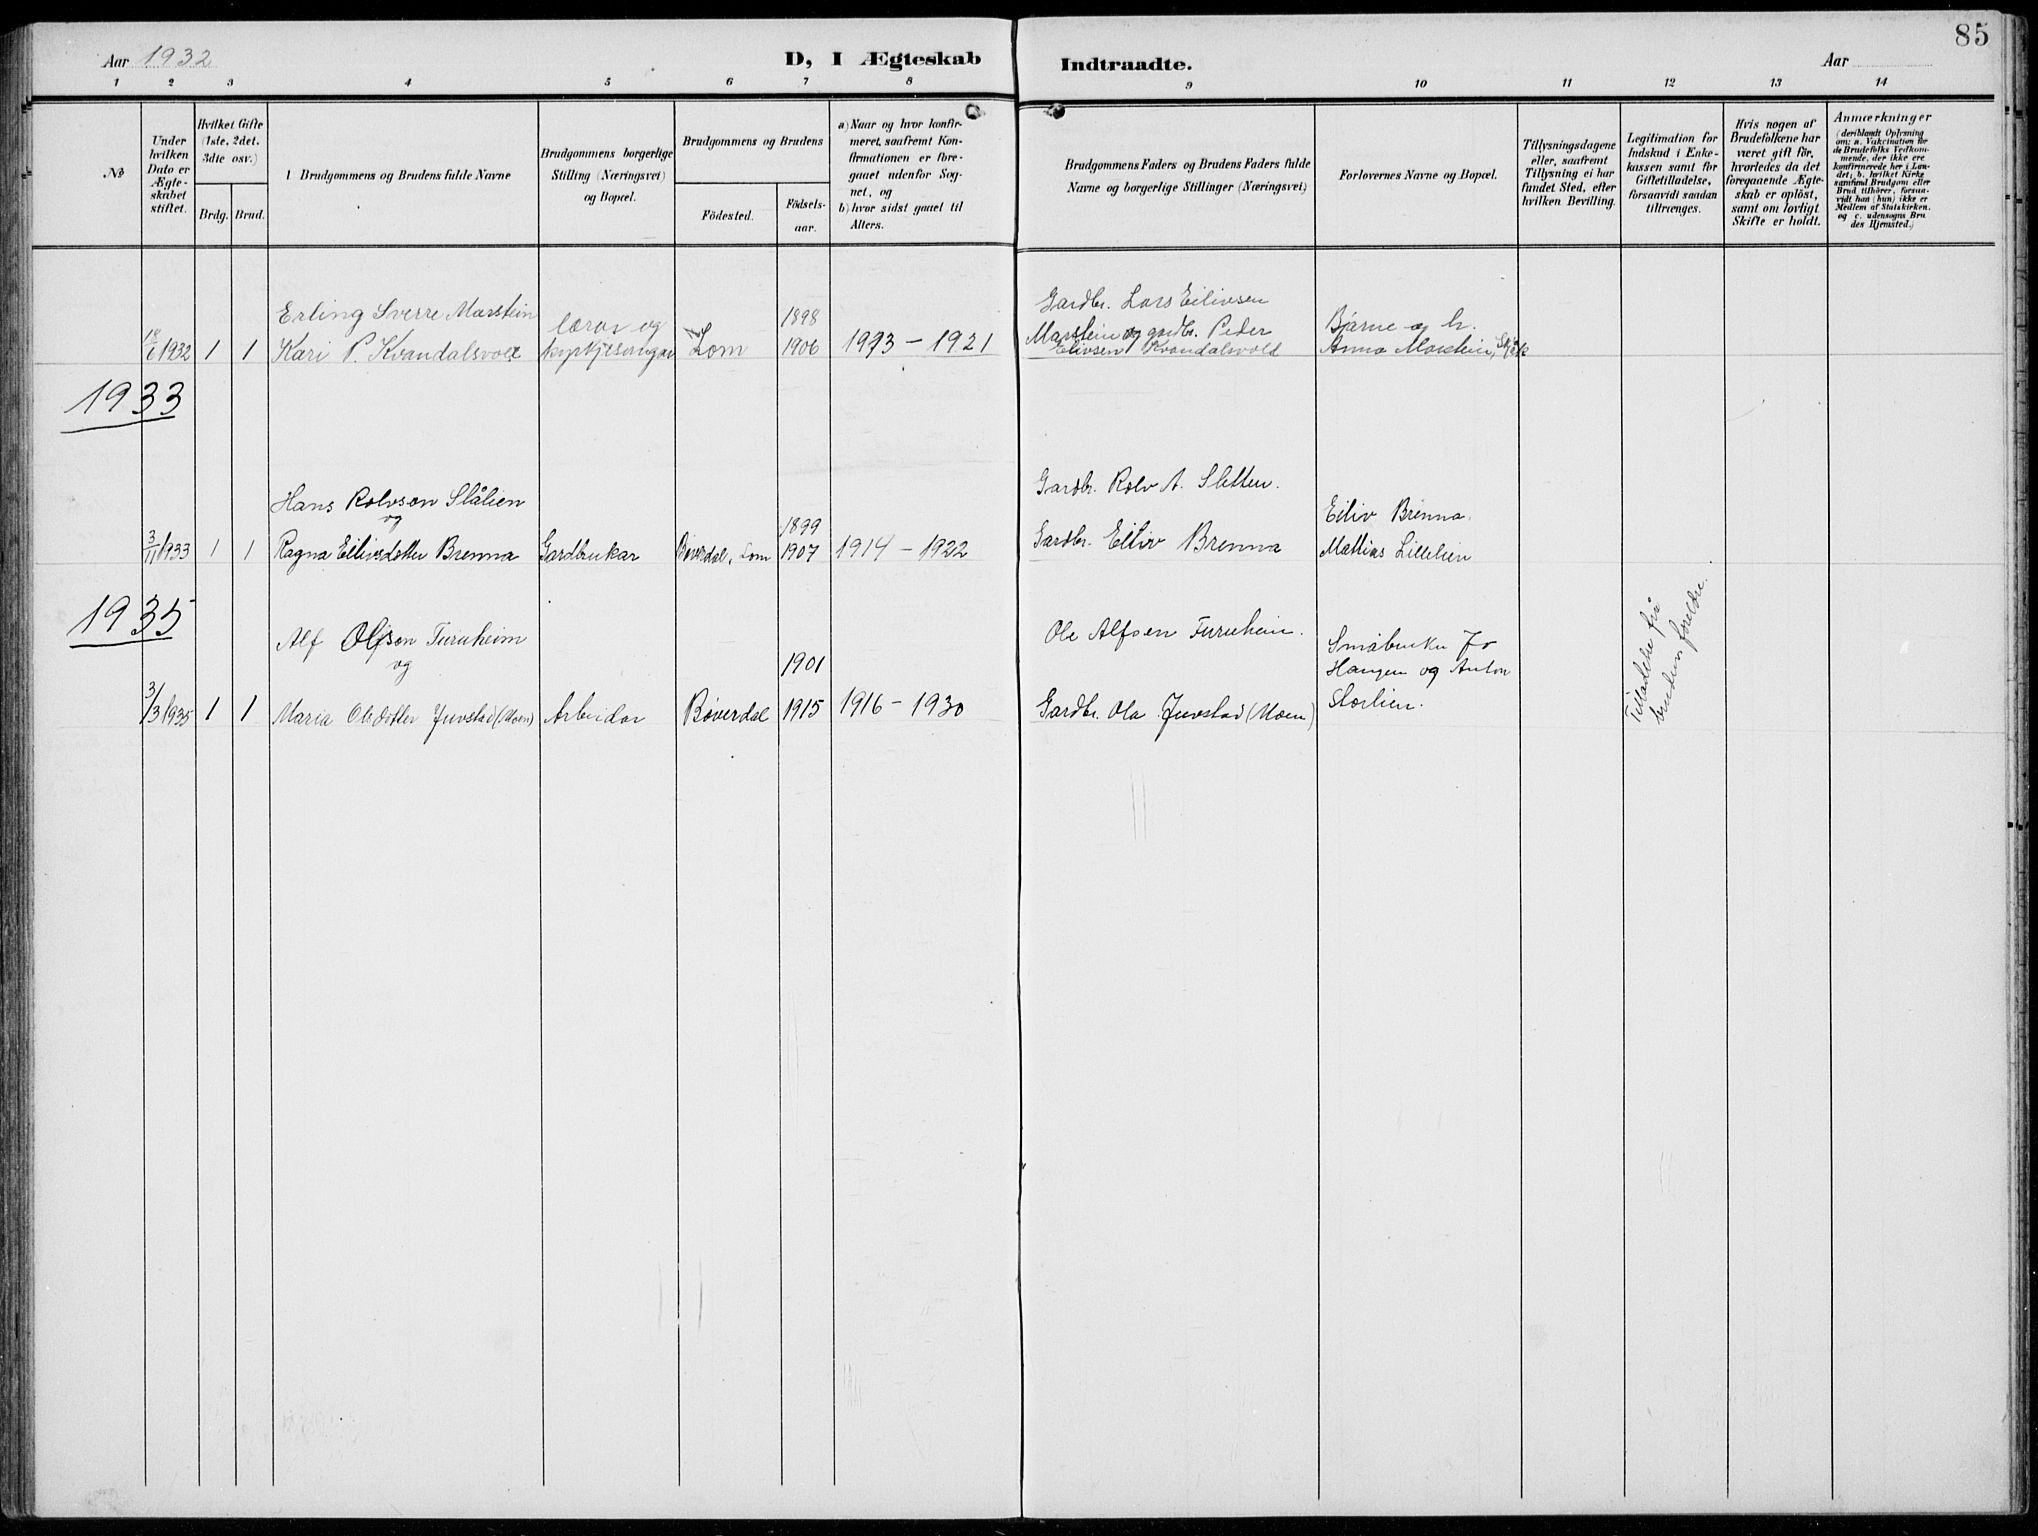 SAH, Lom prestekontor, L/L0007: Klokkerbok nr. 7, 1904-1938, s. 85